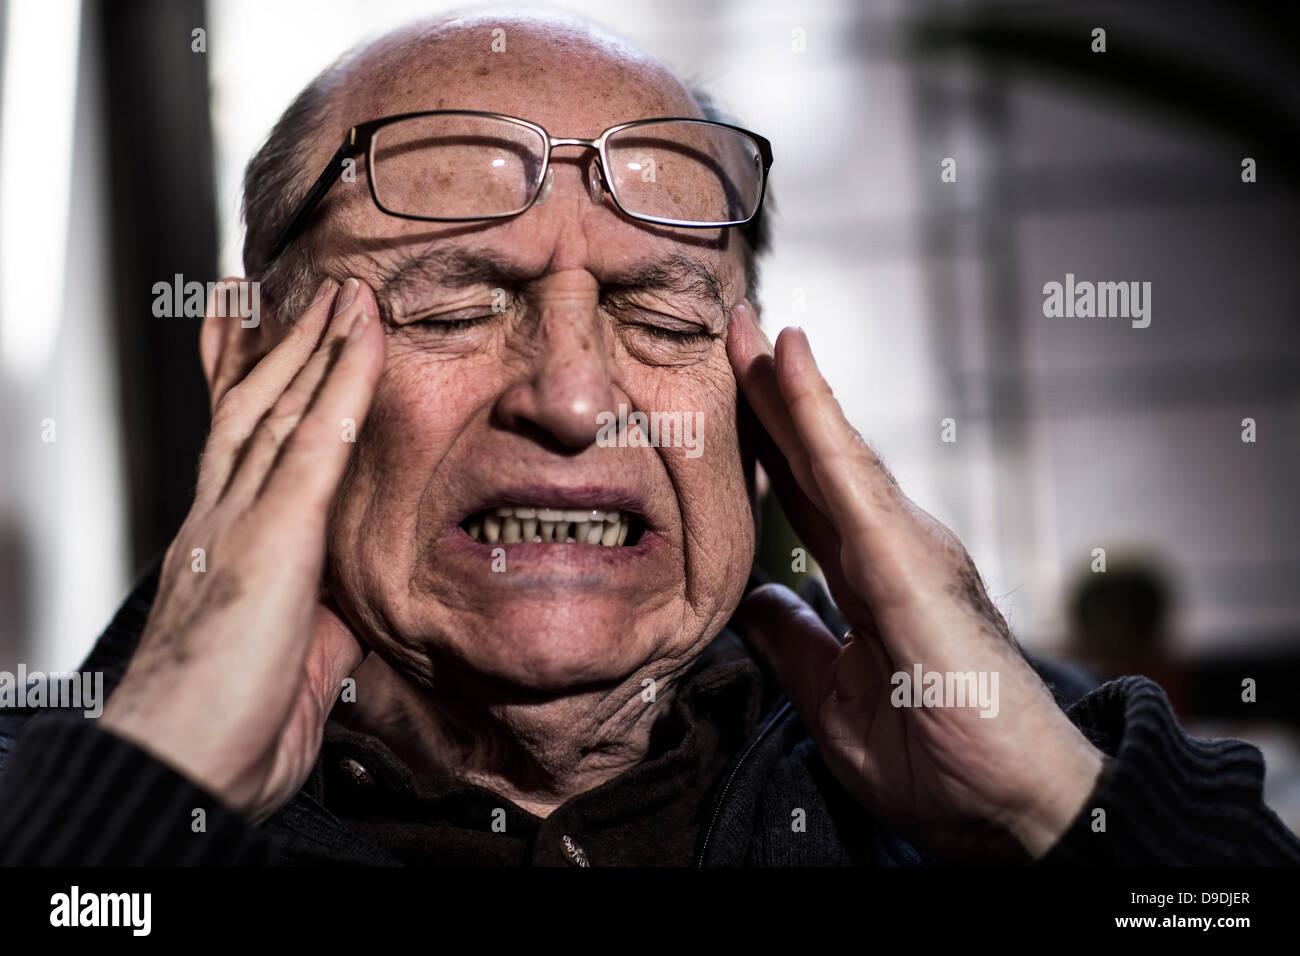 El hombre superior con los ojos cerrados, con gafas, que parecía estresado Imagen De Stock